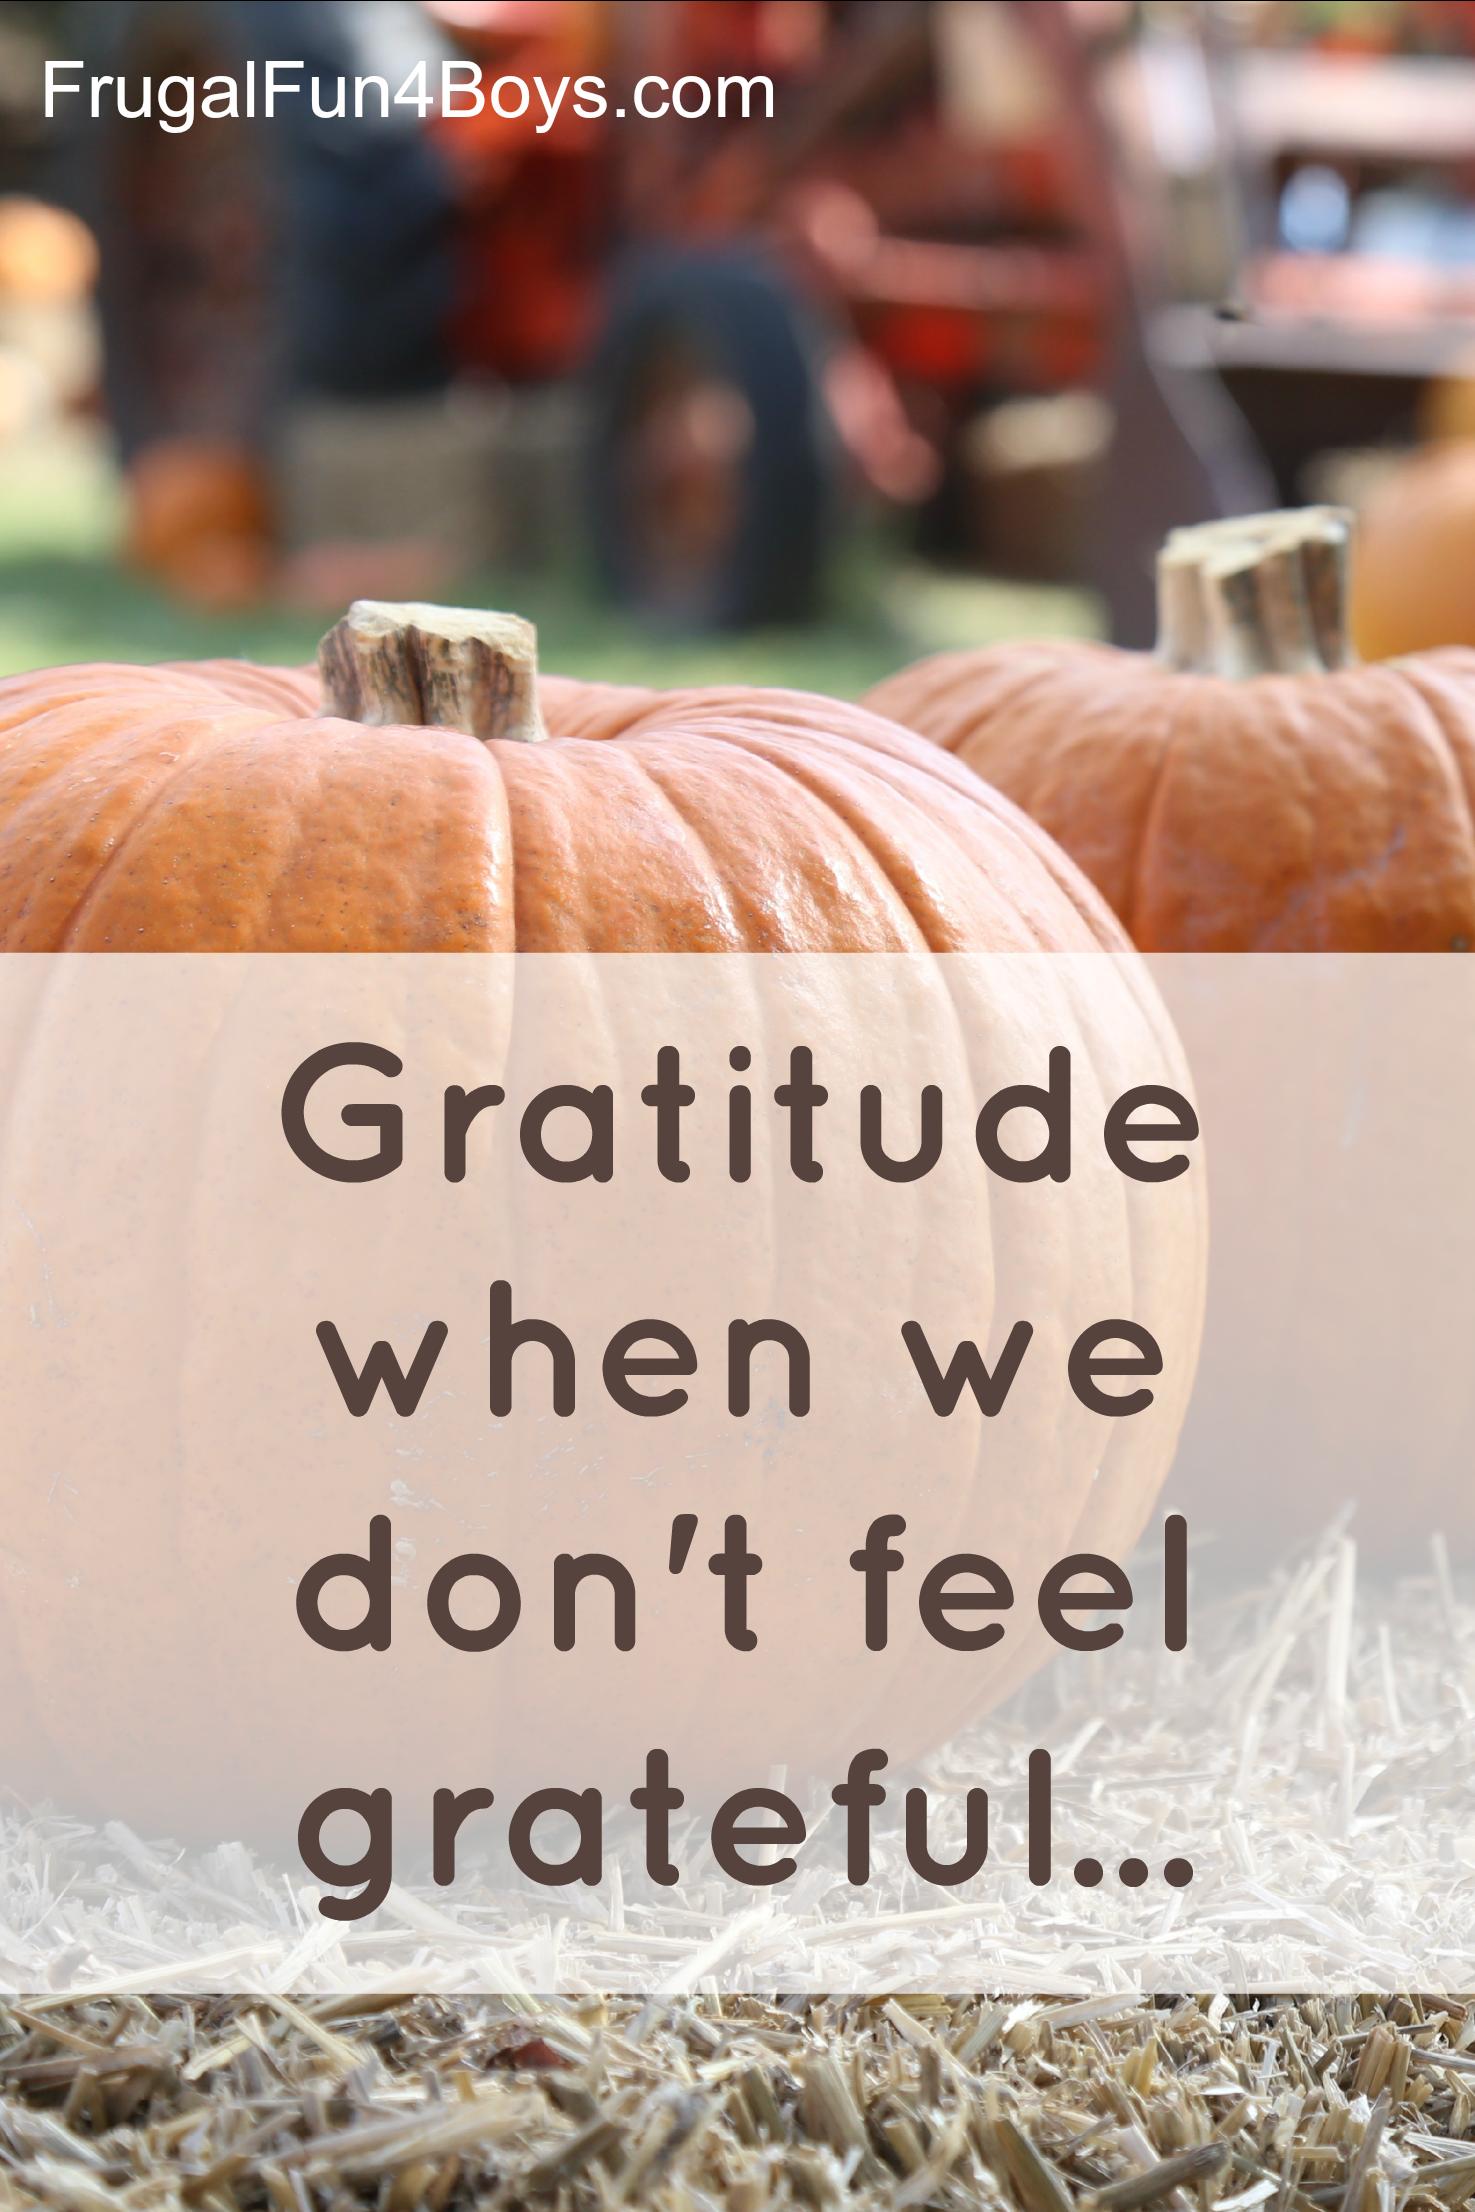 Gratitude when we don't feel grateful...